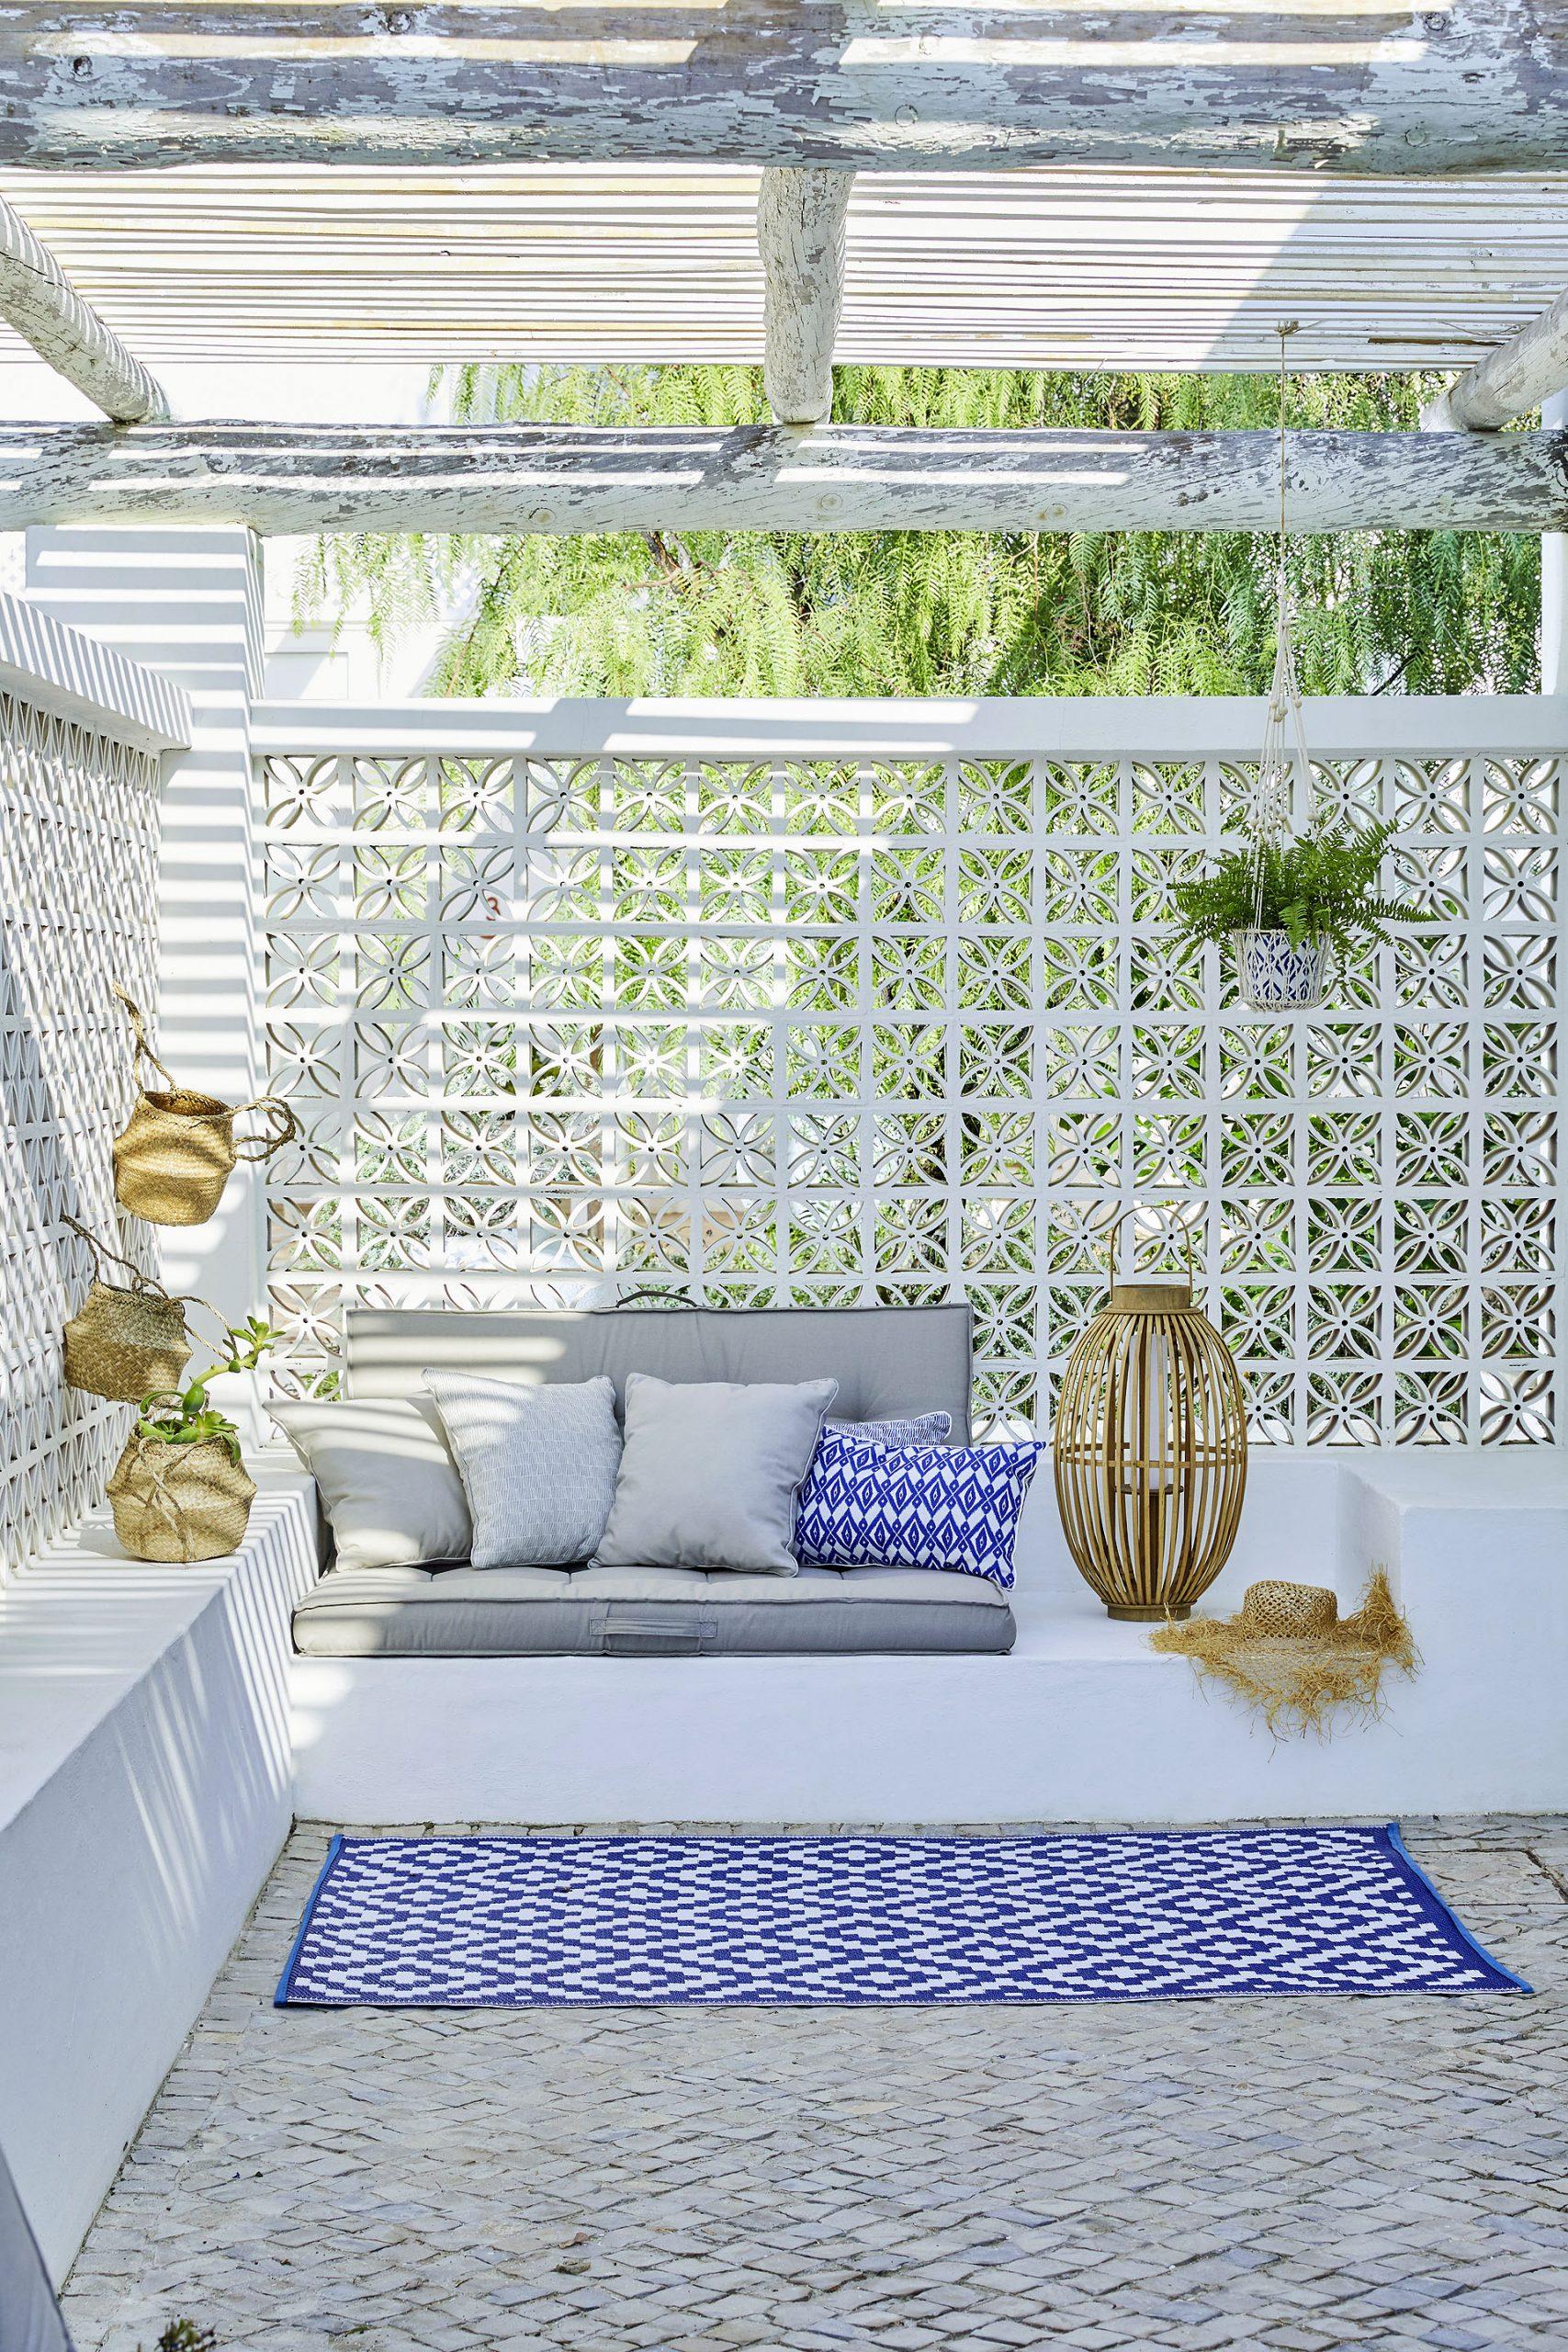 Comment Aménager Une Terrasse ? avec Abri De Jardin En Bois Carrefour